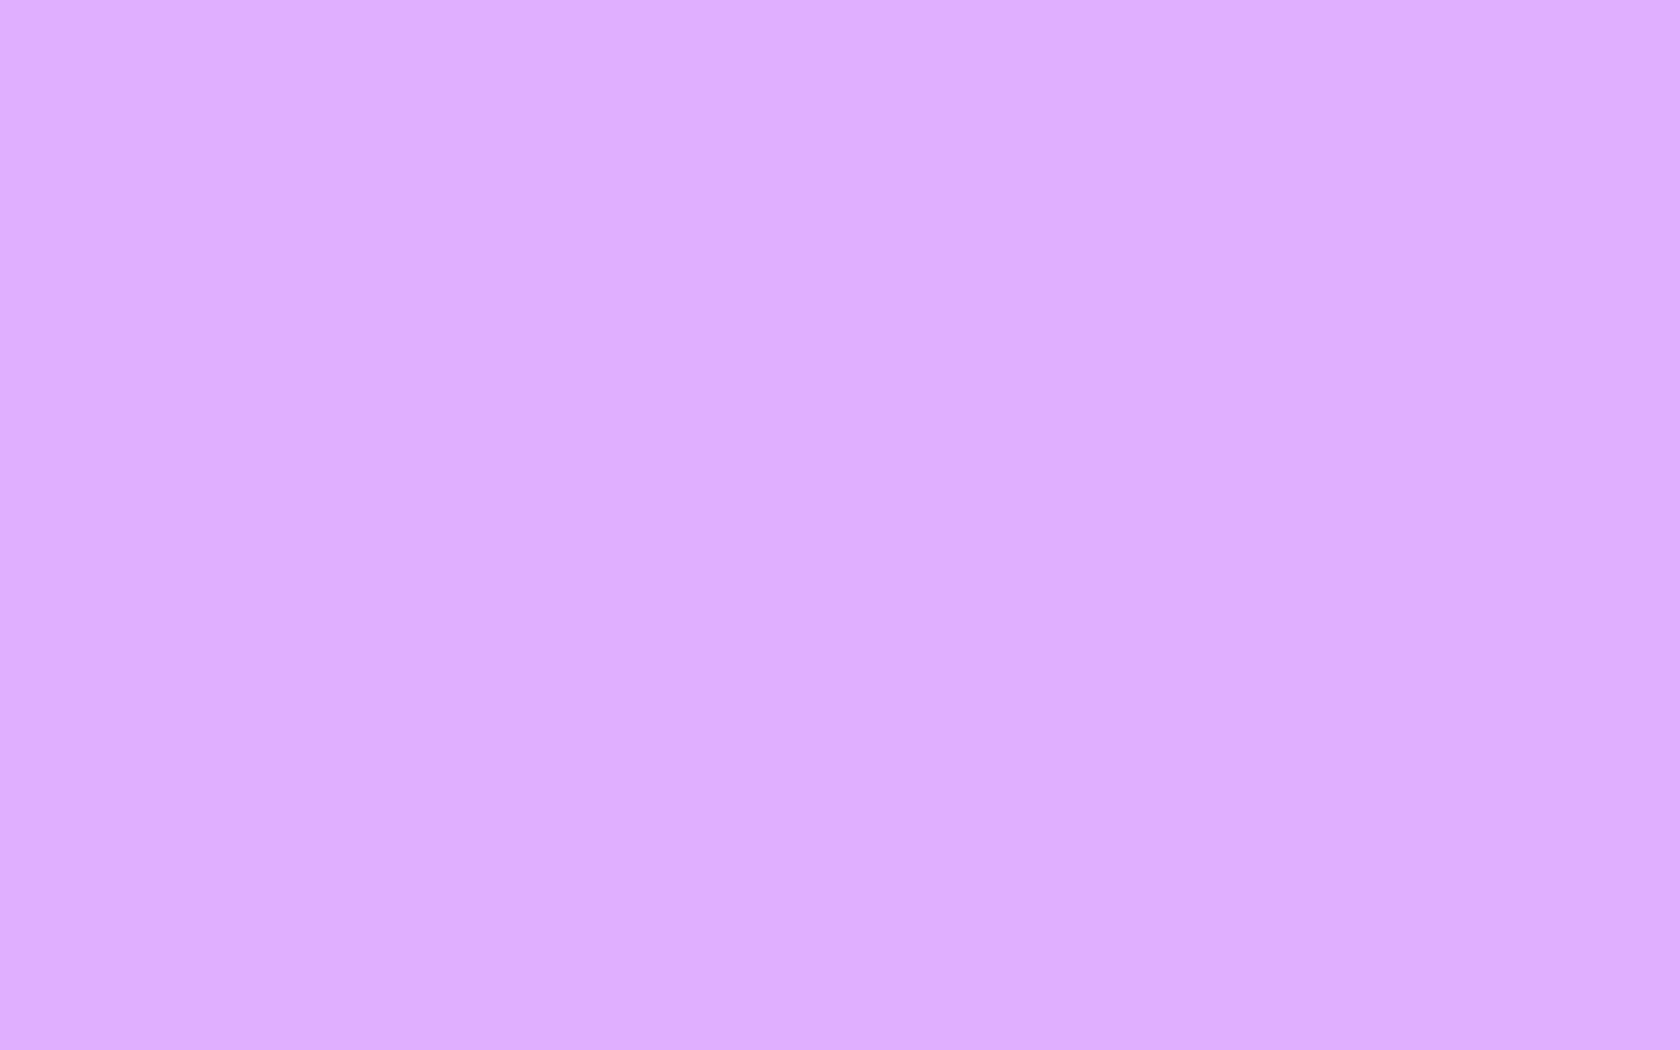 1680x1050 Mauve Solid Color Background